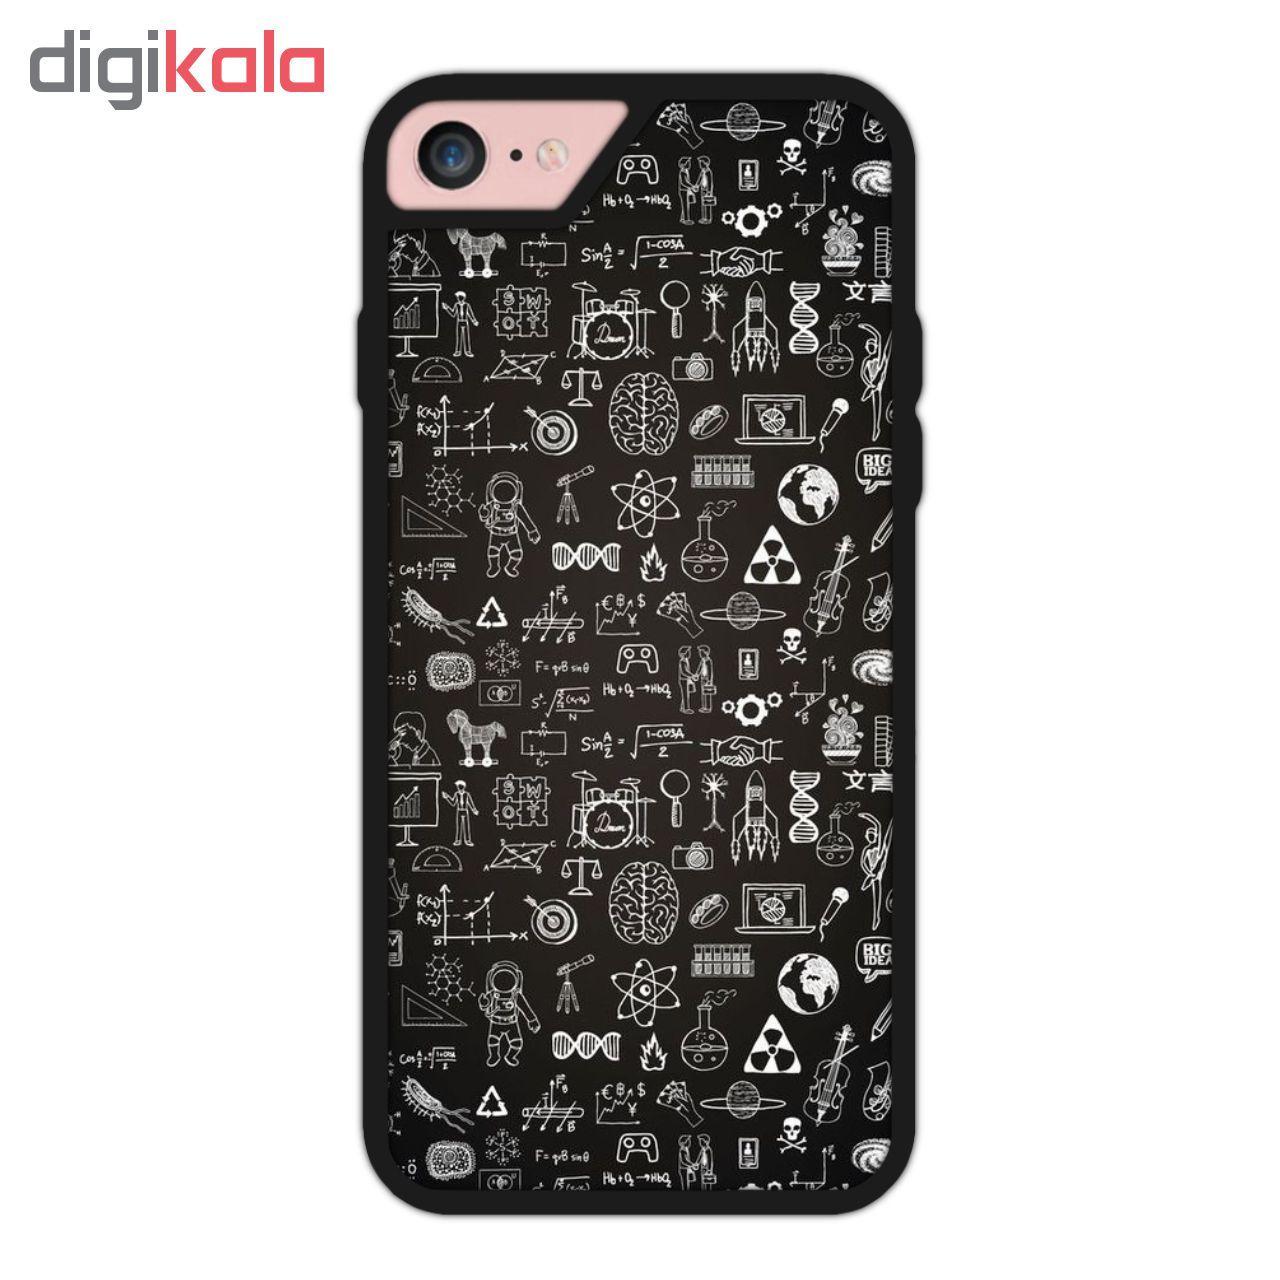 کاور آکام مدل A71711 مناسب برای گوشی موبایل اپل iPhone 7/8 main 1 1